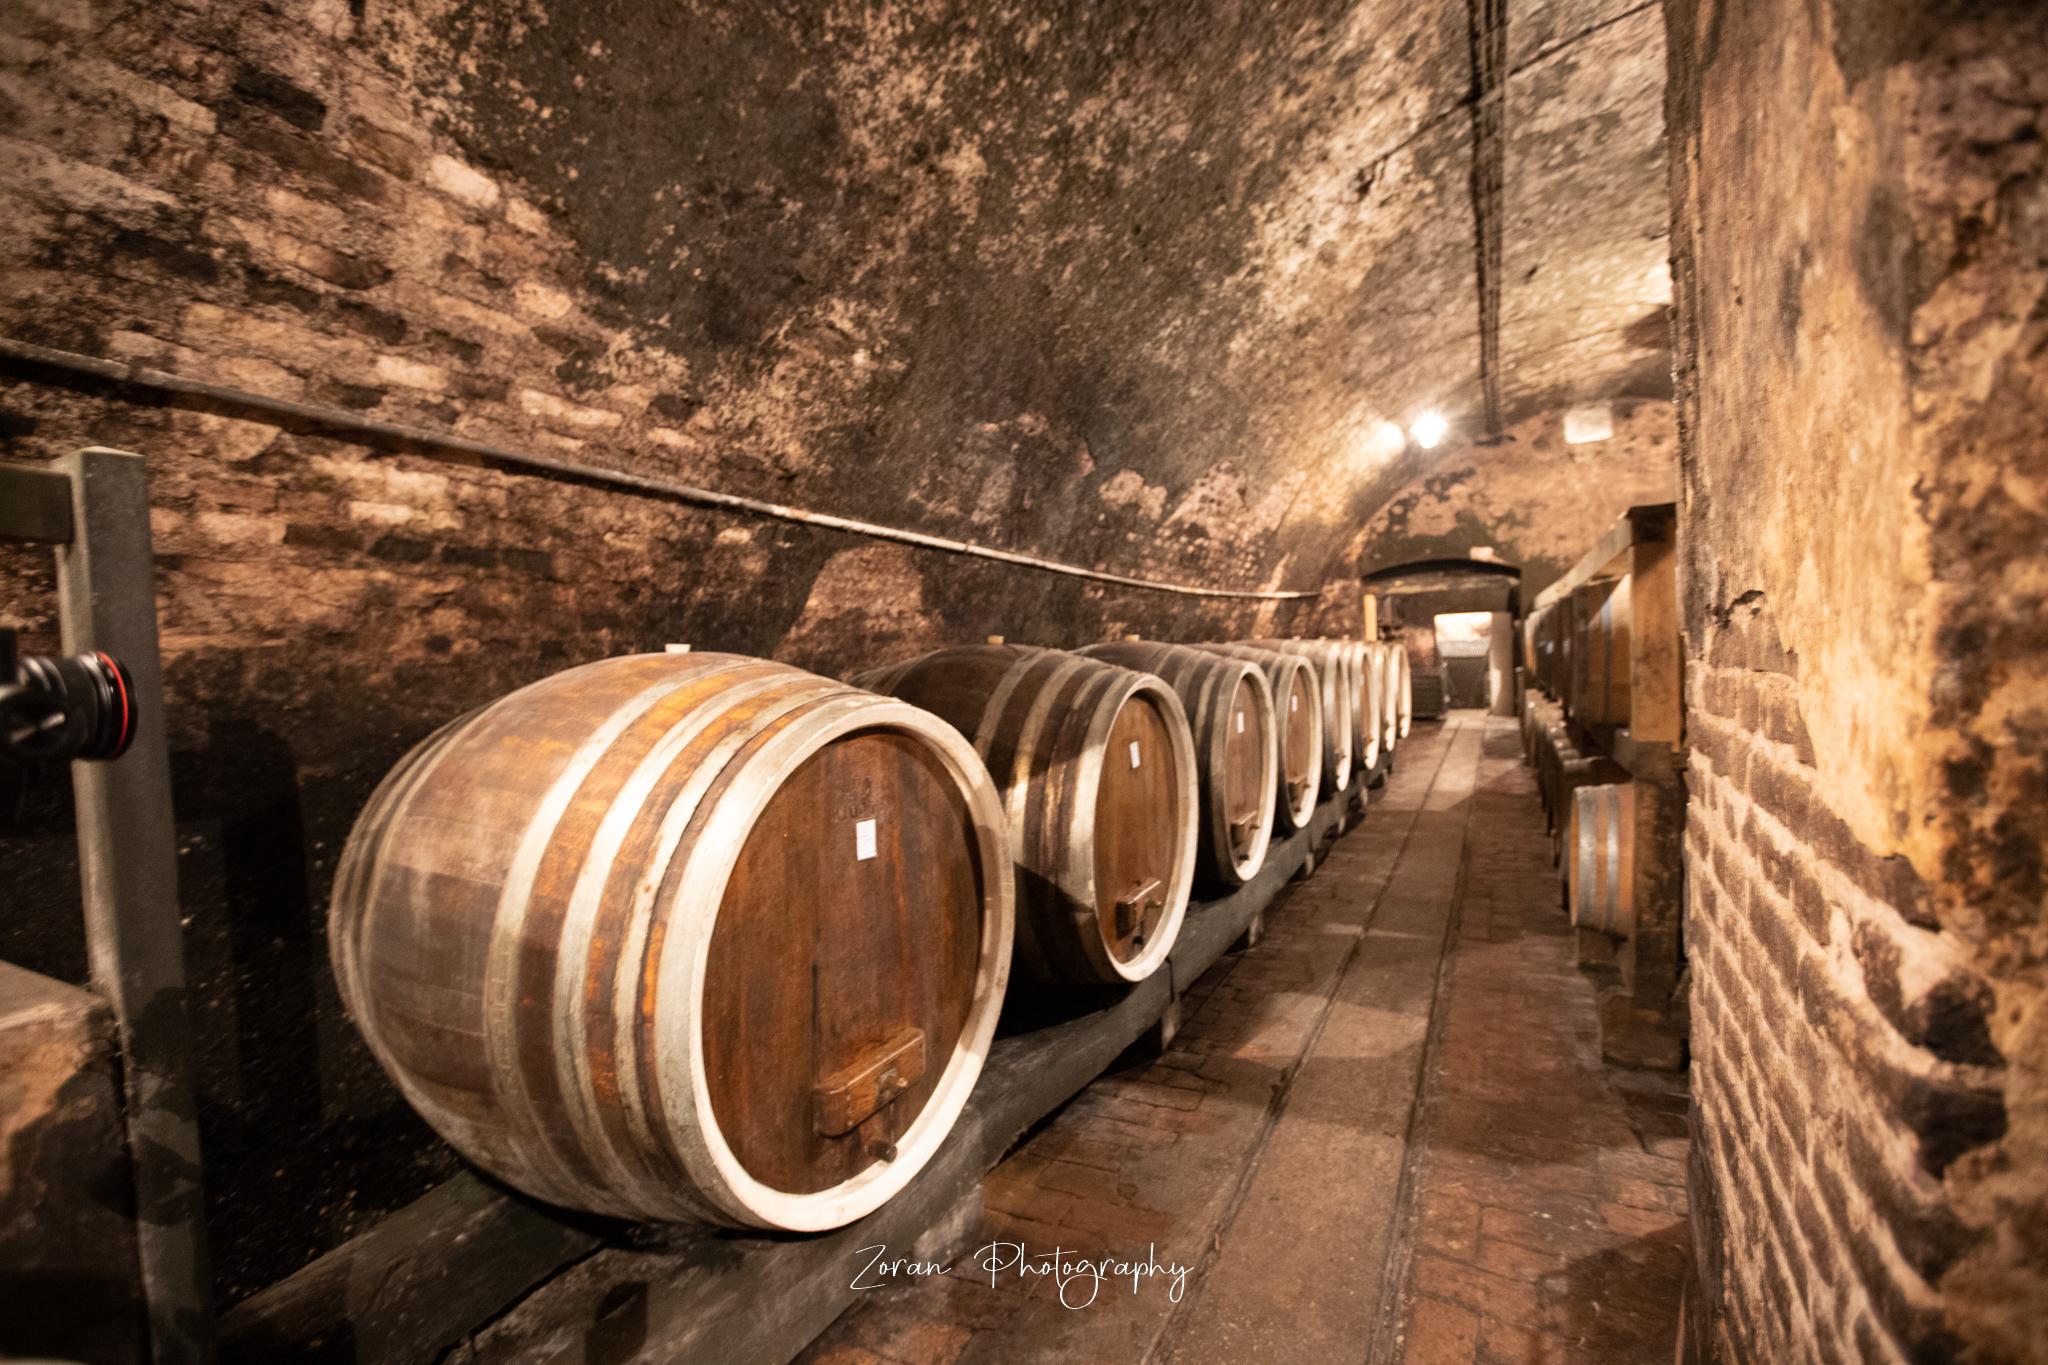 Iločki podrumi – Stari podrumi i Ladanjsko imanje Principovac